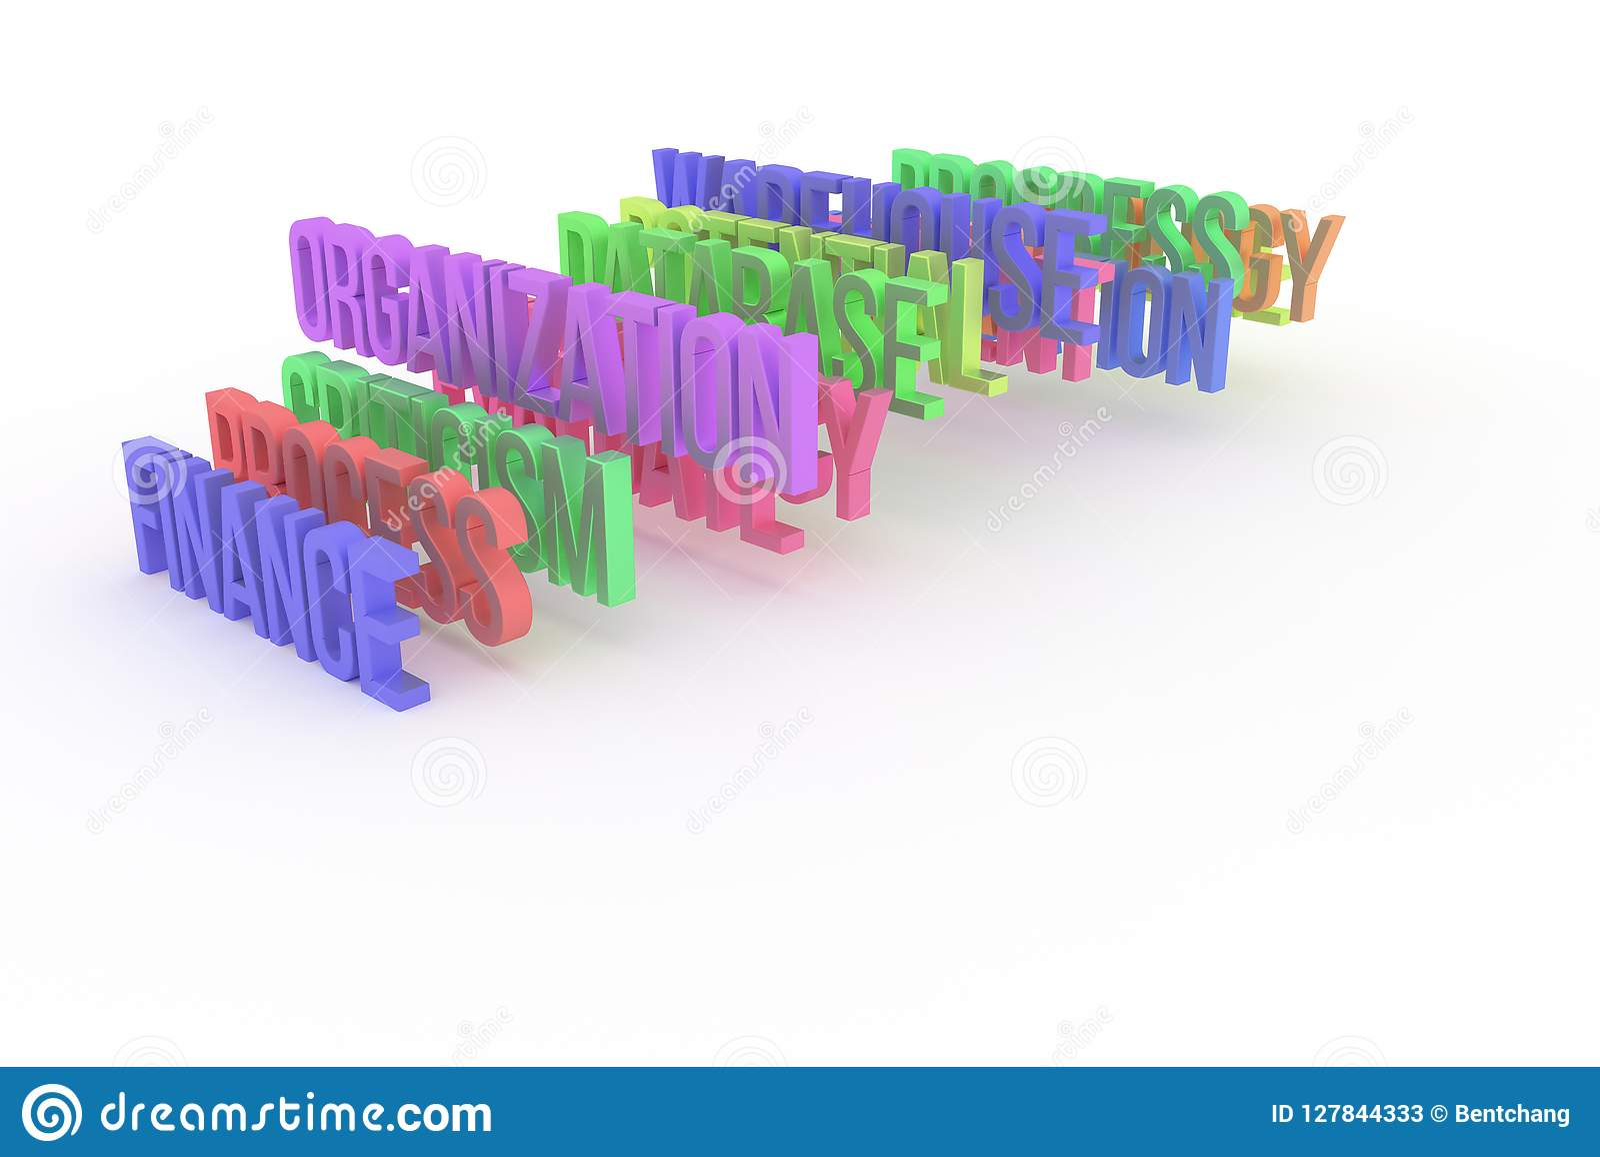 Organisation & finans, begreppsmässiga färgrika ord 3D för affär Titel, stil, illustration & kommunikation